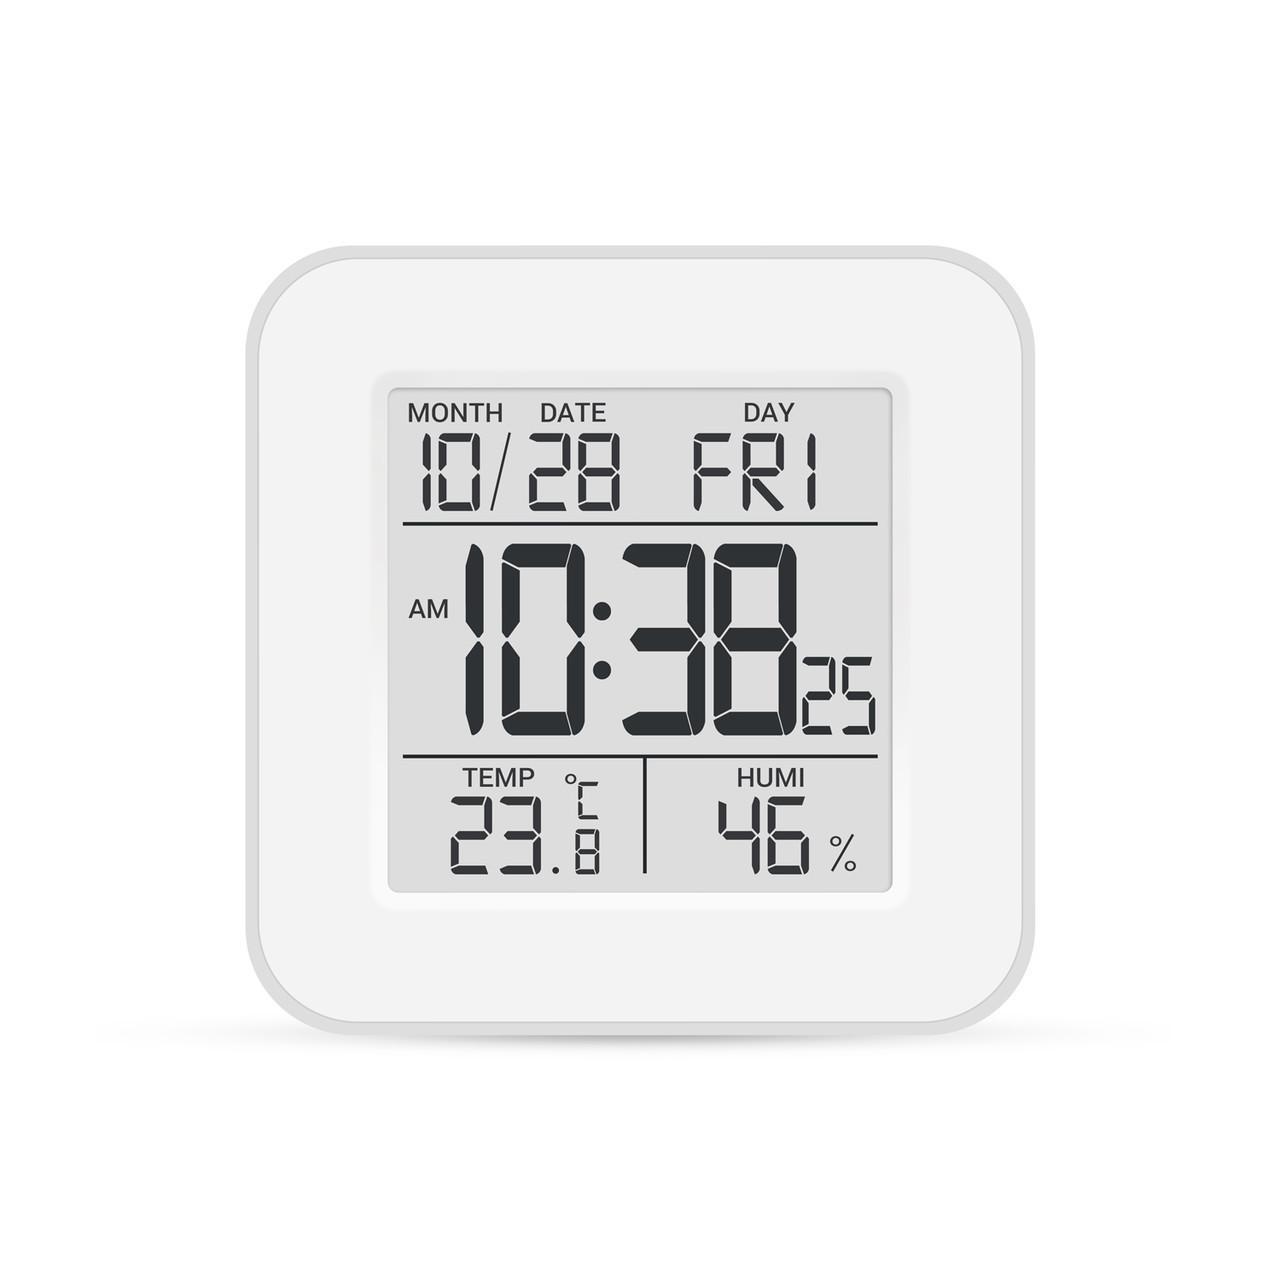 Цифровий термогігрометр Т-19 гігрометр з датчиком термометр кімнатний побутової електронний годинник